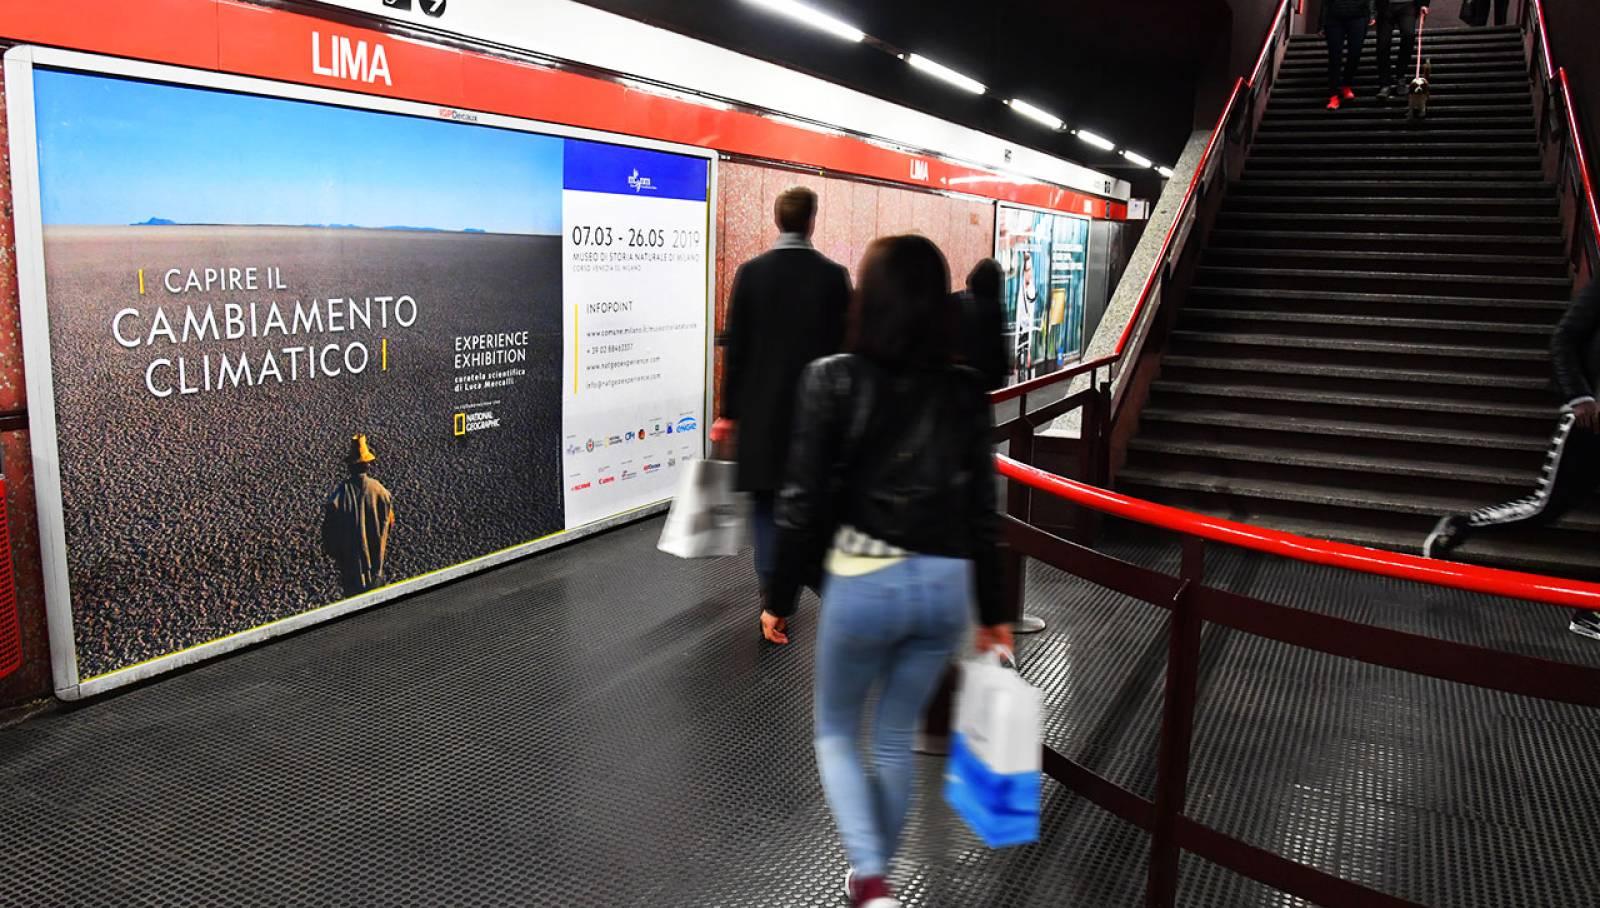 Circuito maxi metropolitana a Milano per Capire il cambiamento climatico - Experience Exhibition IGPDecaux